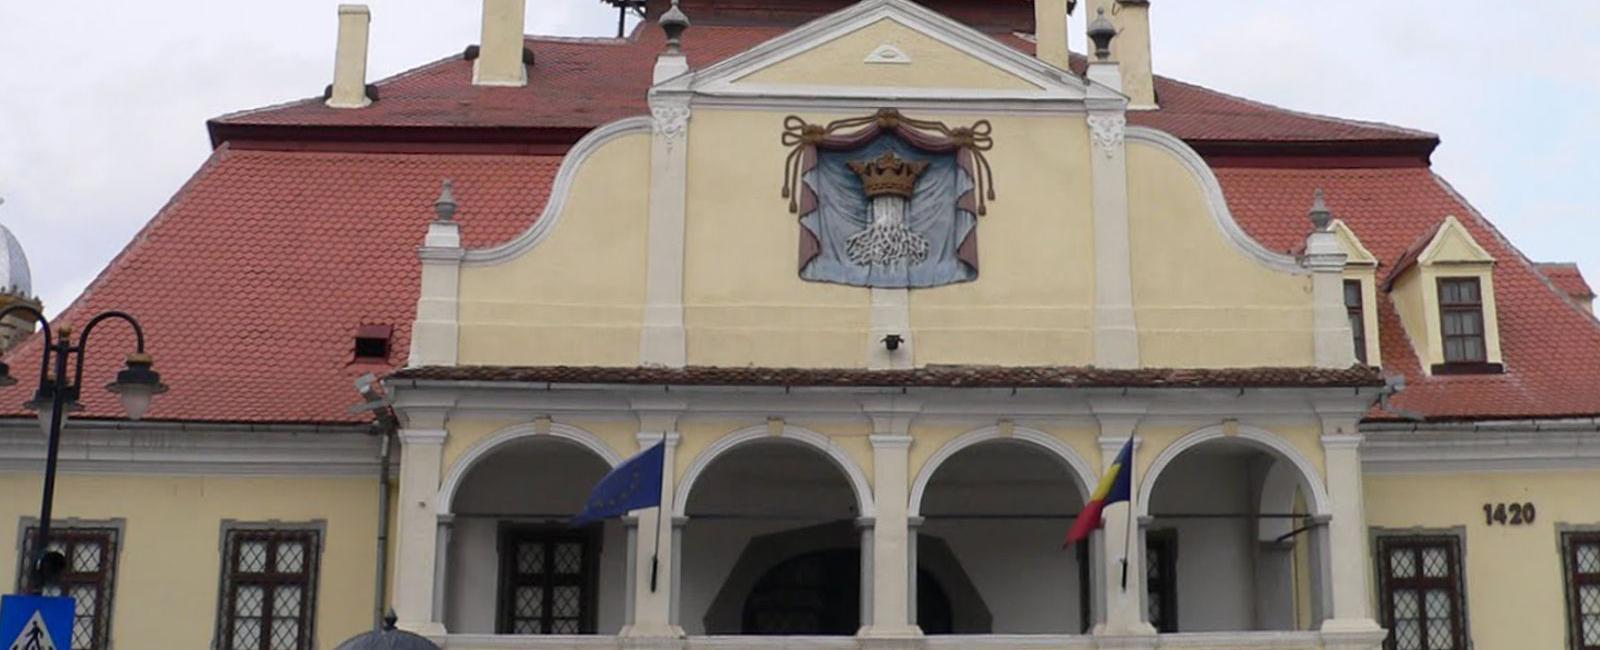 Muzeul Judetean de Istorie